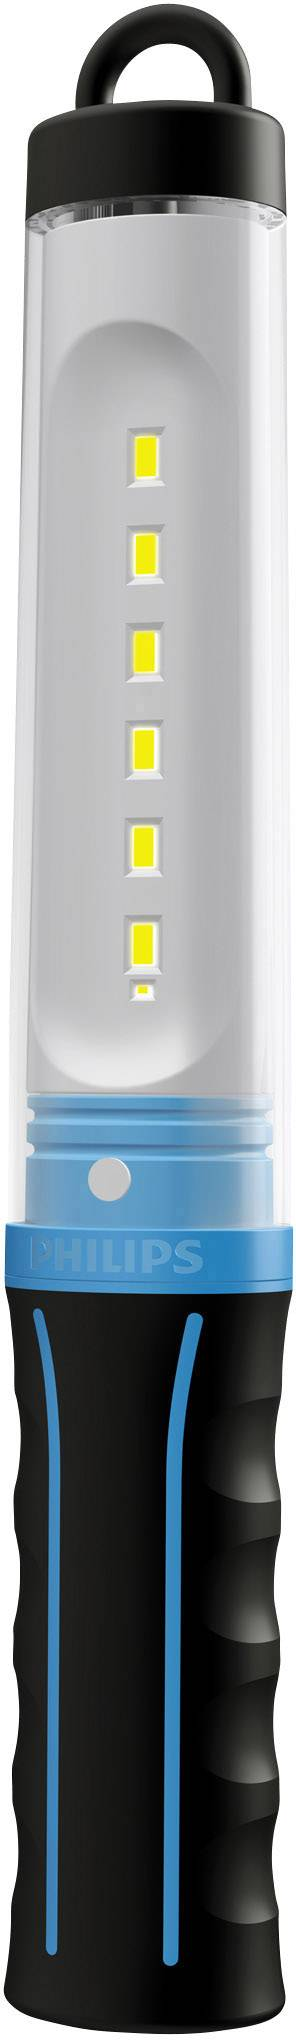 Vysokovýkonové LED pracovné osvetlenie Philips 39060531 RCH10, napájanie z akumulátoru